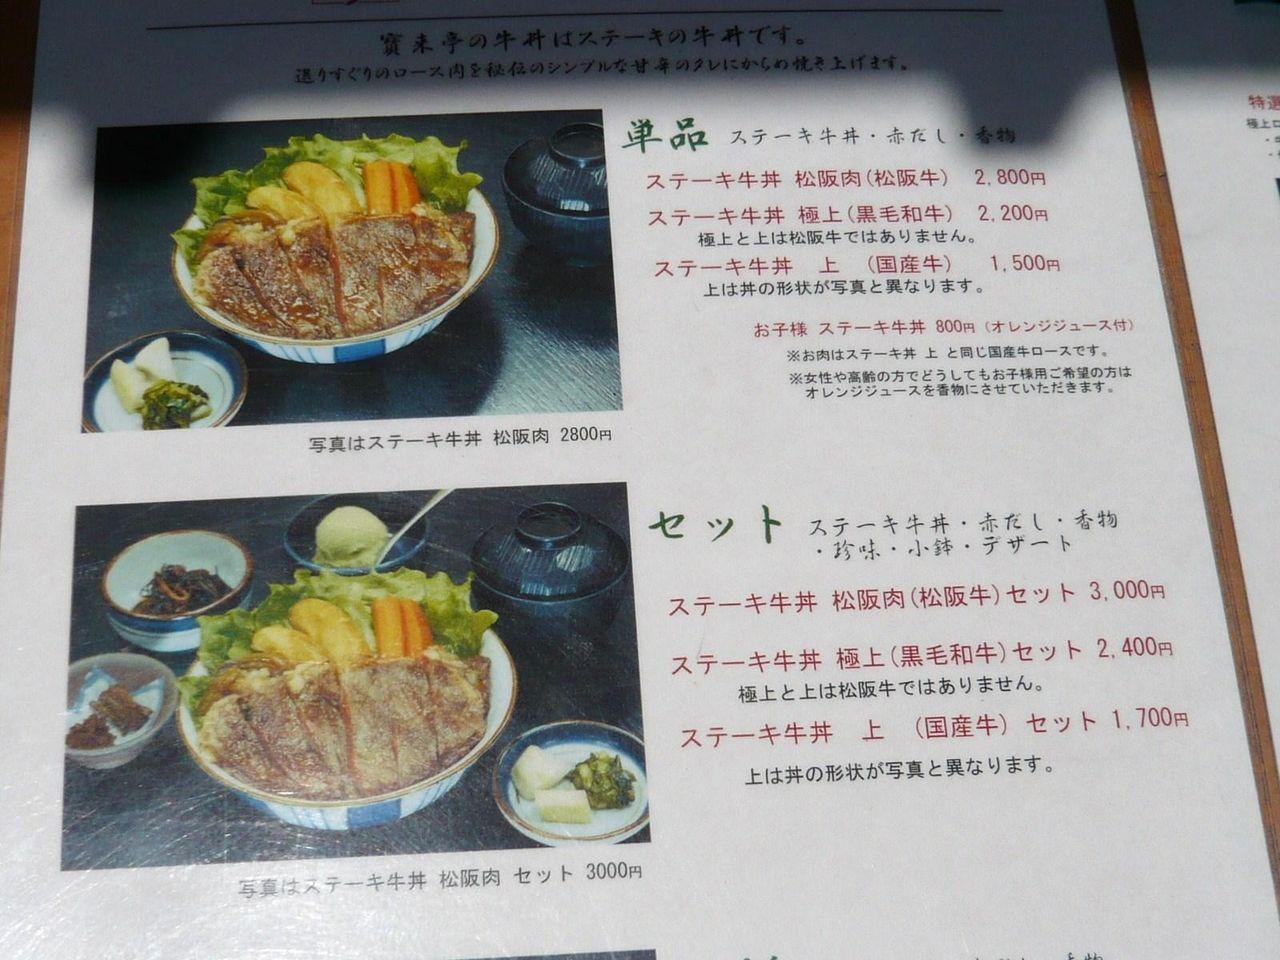 寶来亭のステーキ牛丼メニュー(24年5月現在)